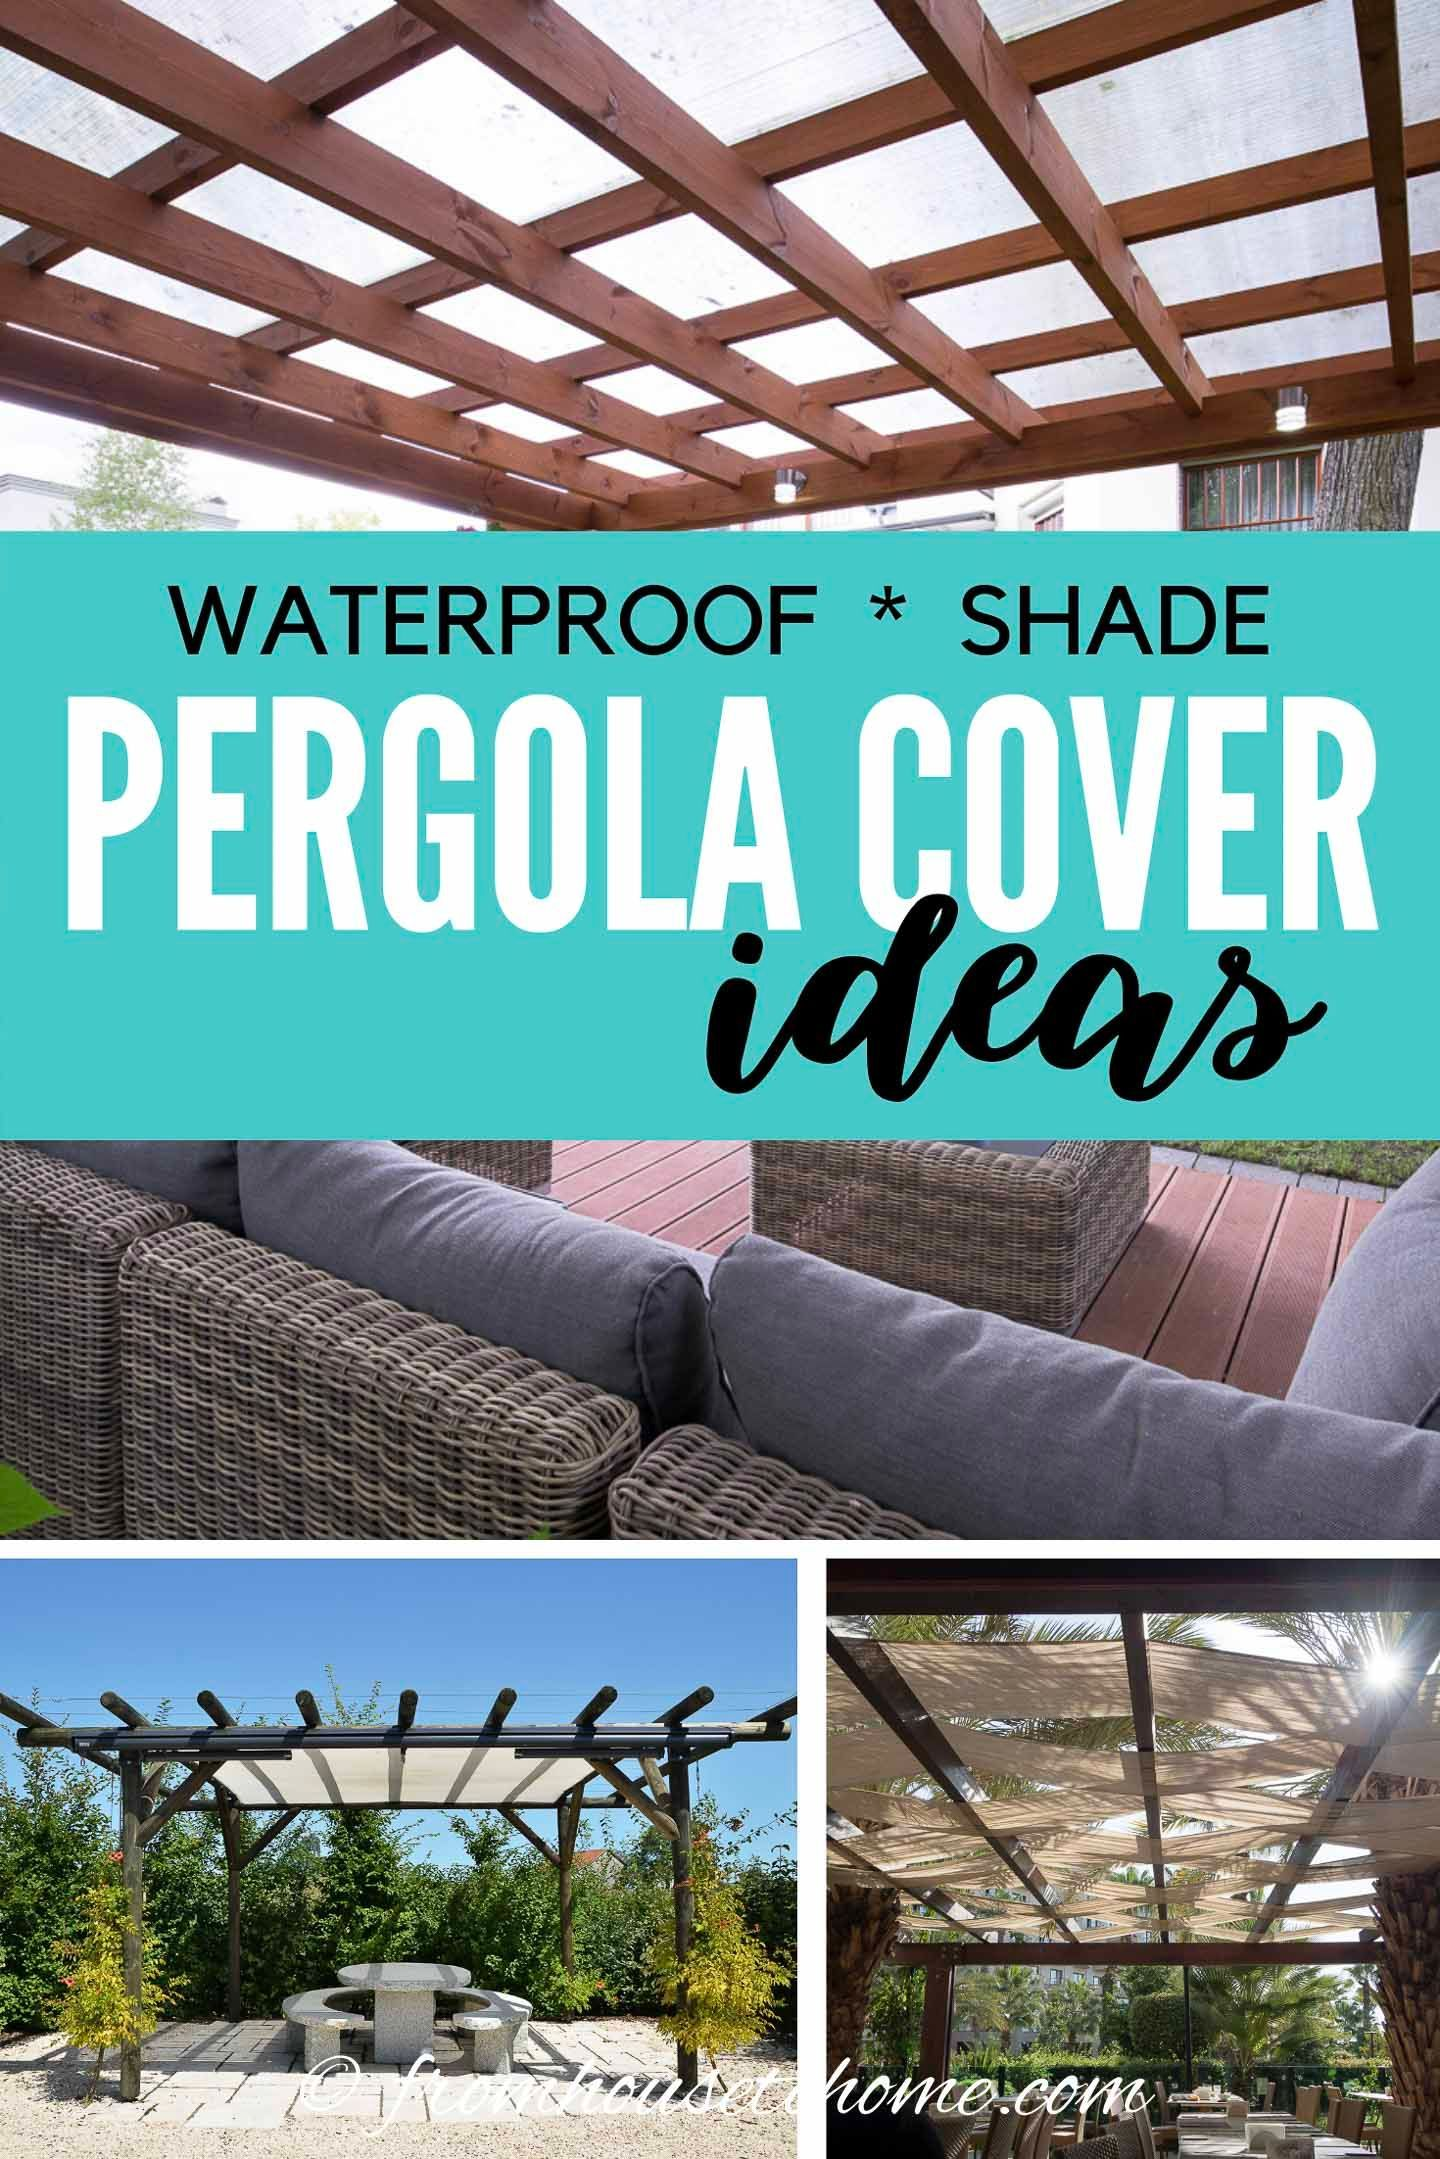 diy pergola cover ideas 7 ways to